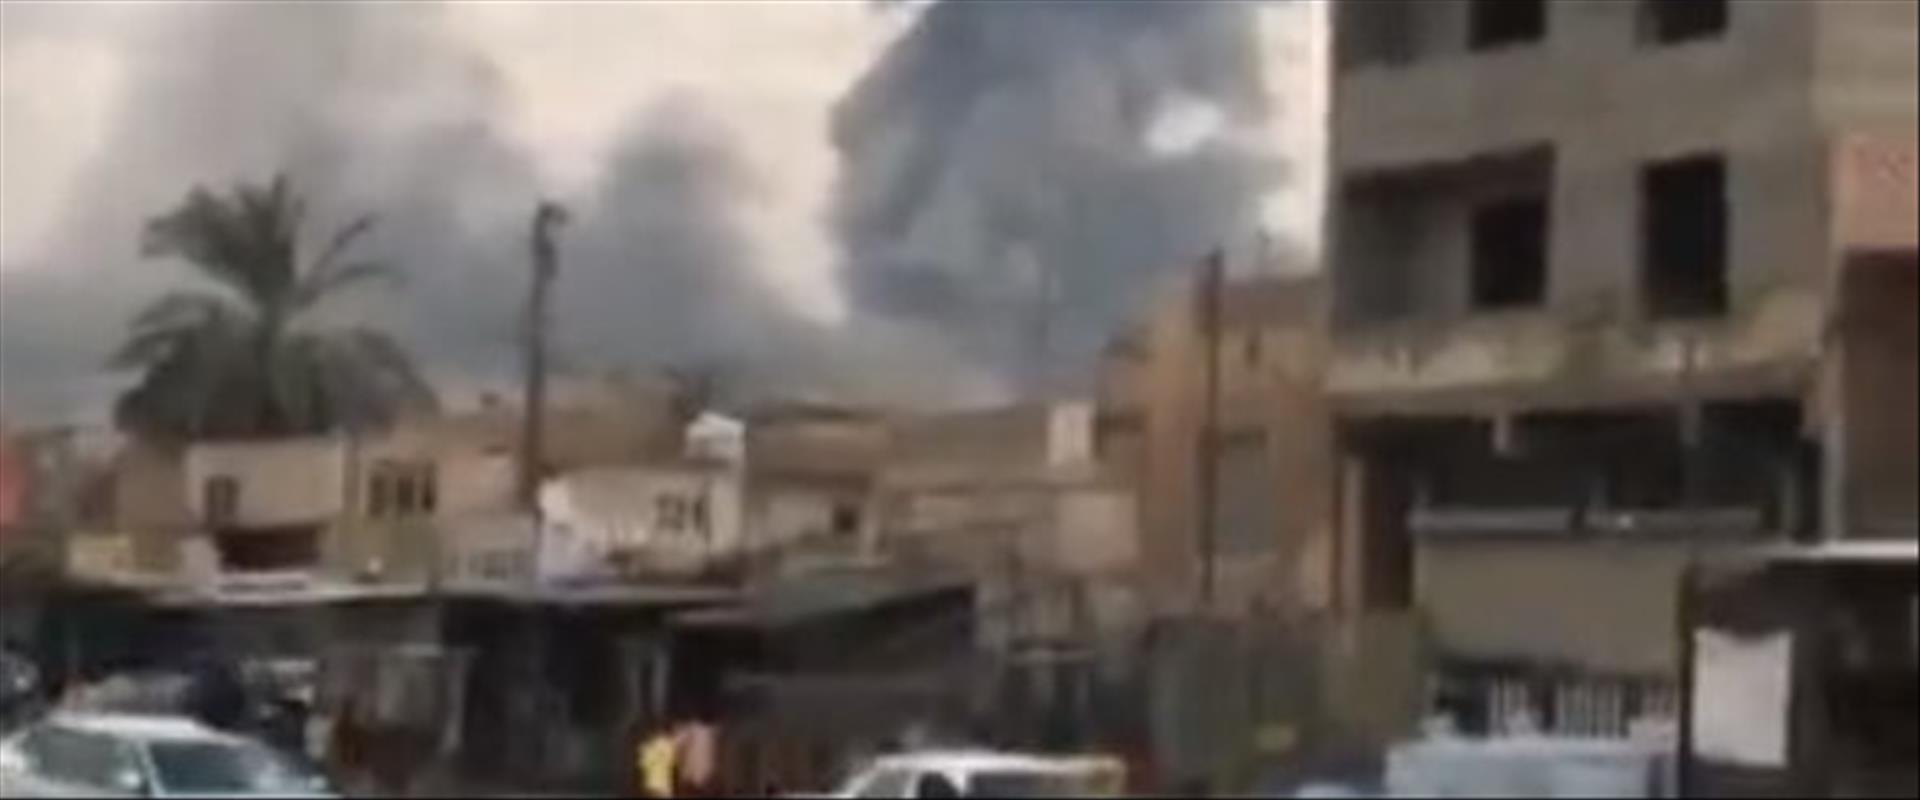 הפיצוץ במחסן הנשק בעיראק